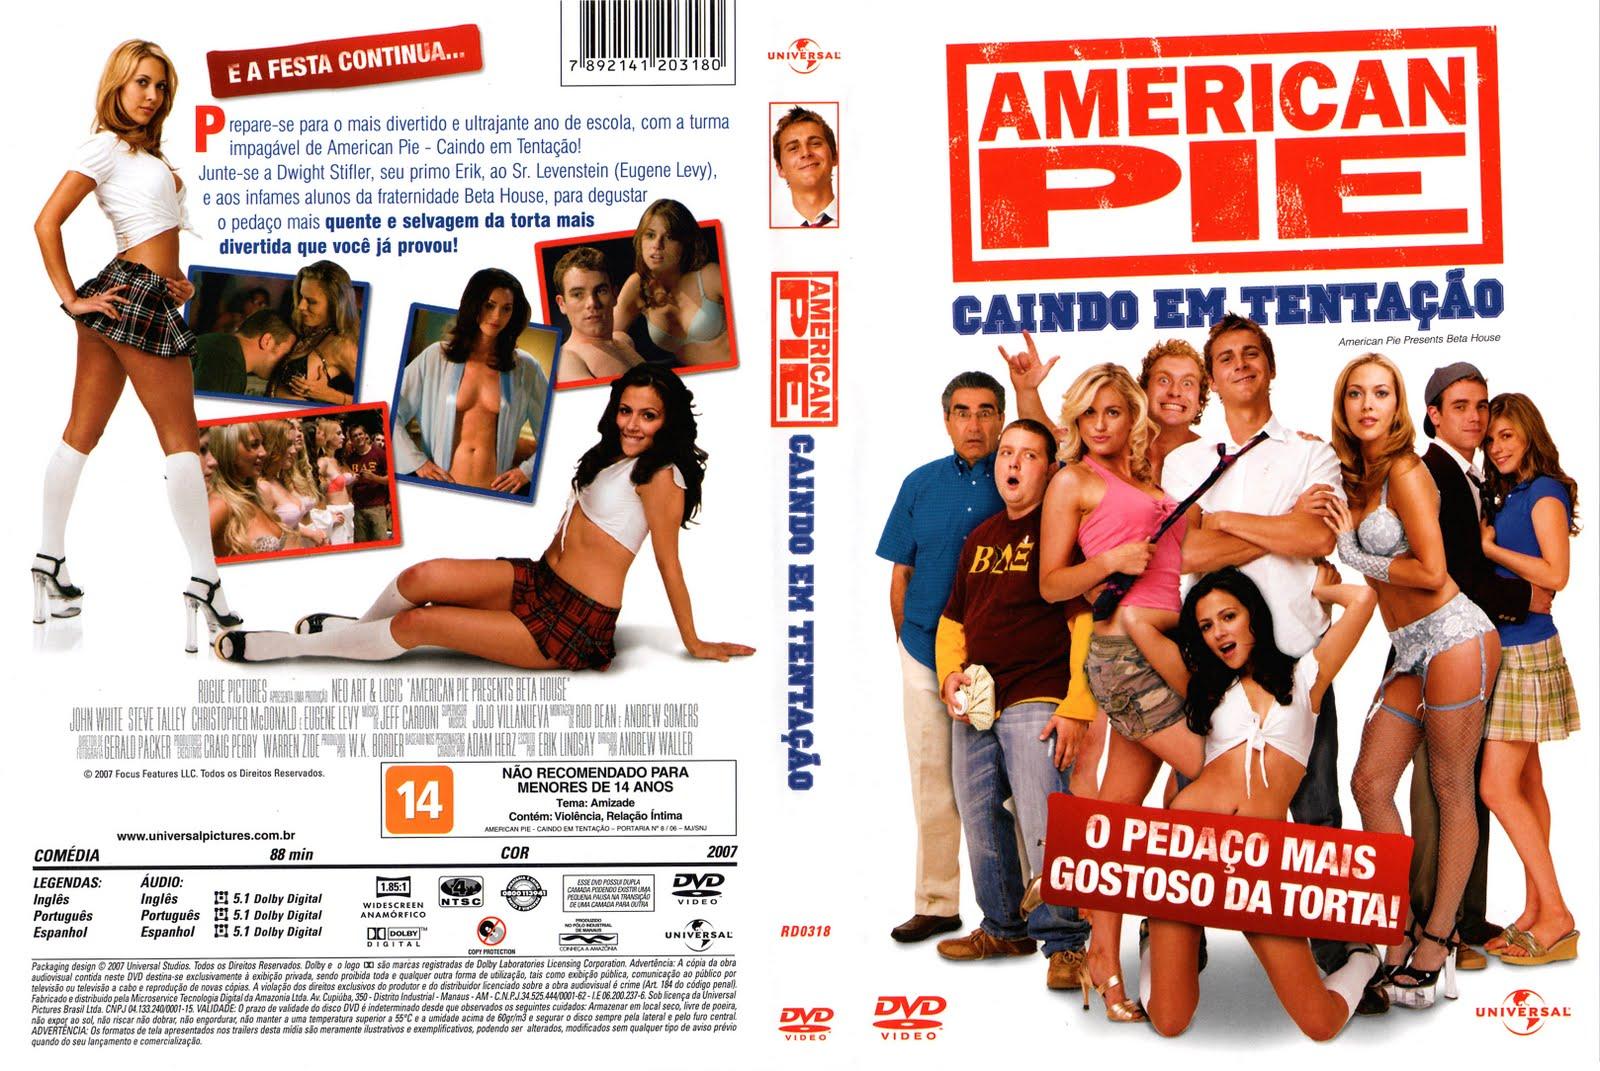 American Pie 6 Presents Beta House 2007 american pie - vi - caindo em tentação